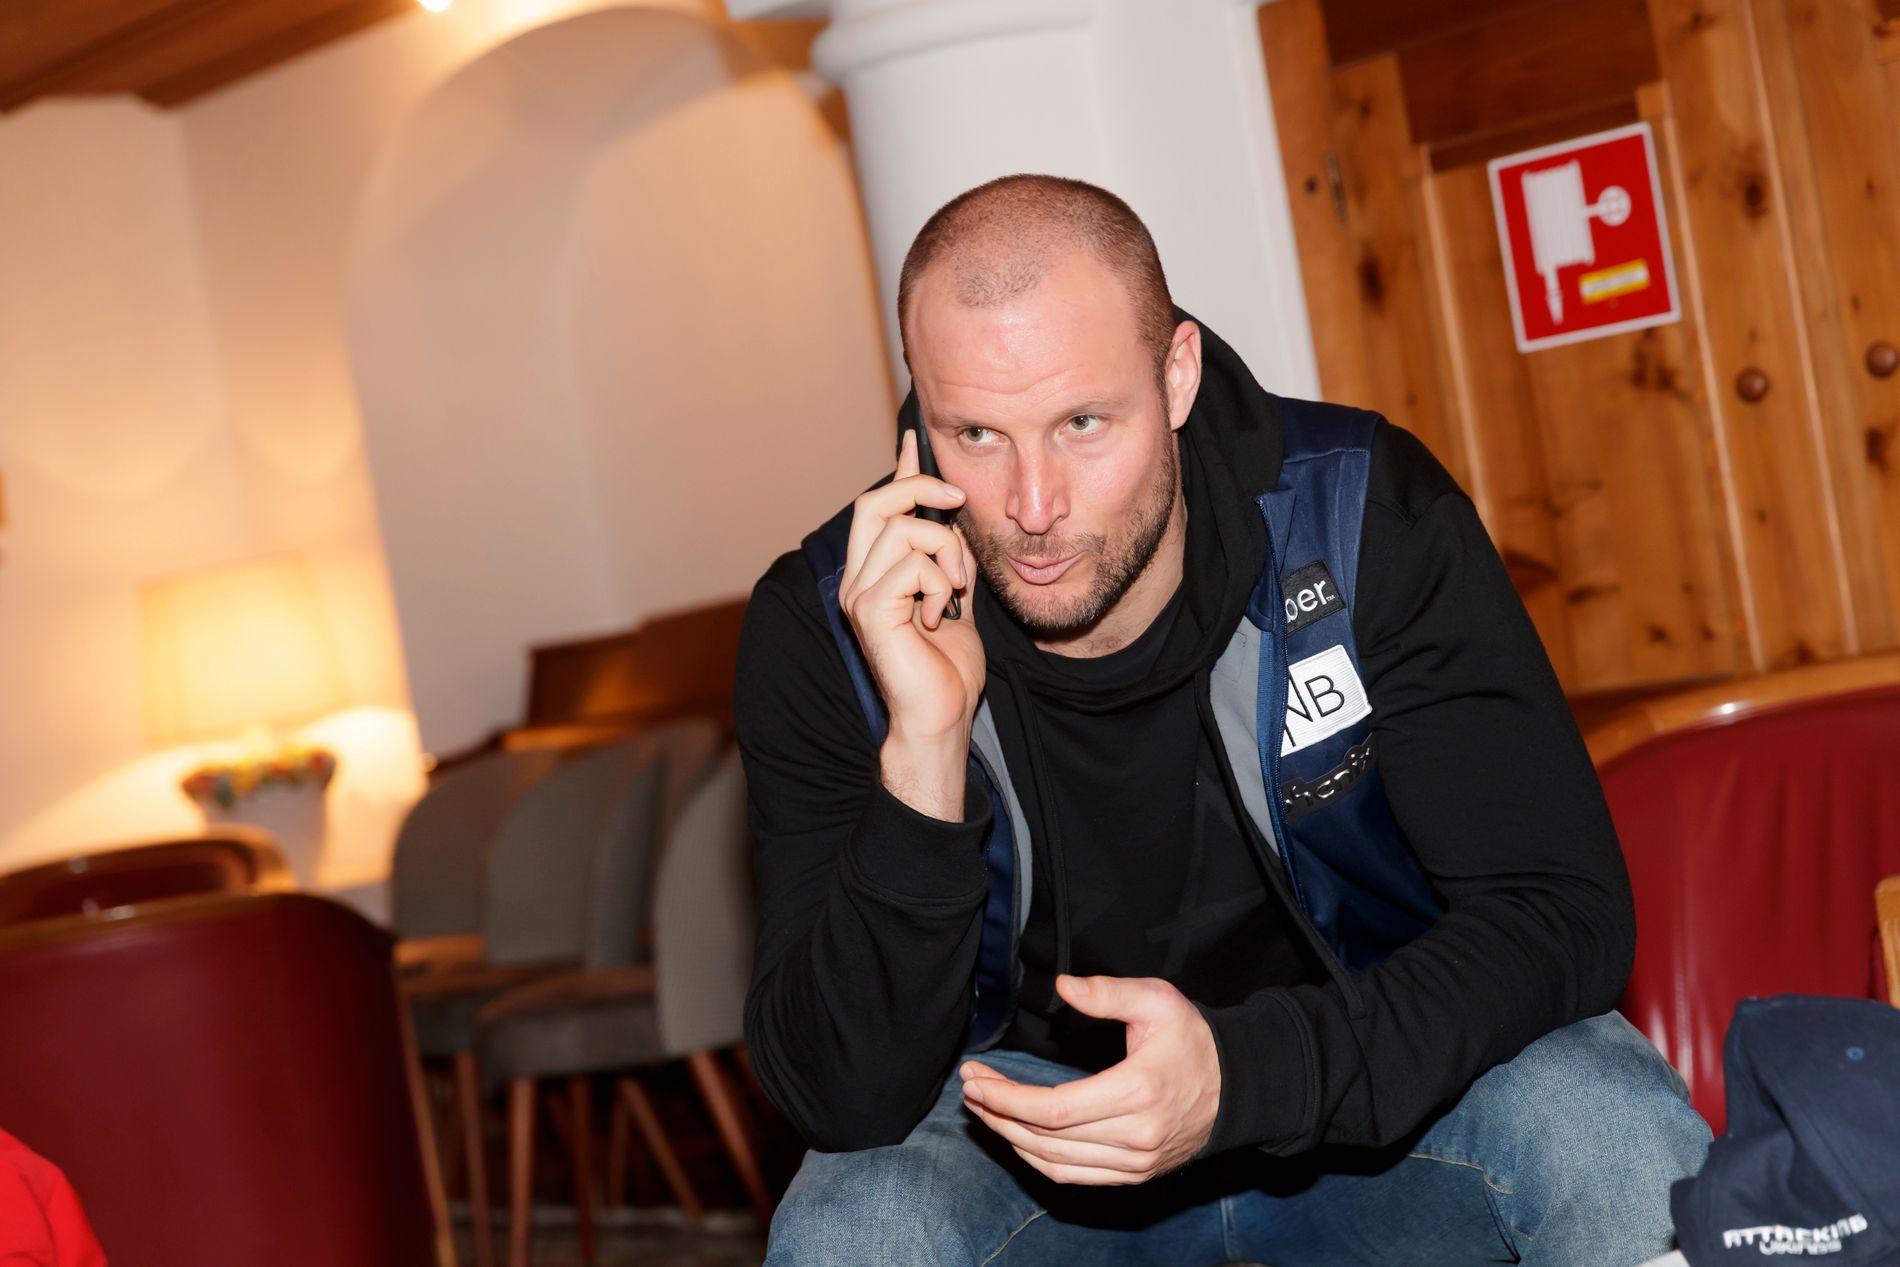 MÅ HA HJELP: Aksel Lund Svindal lytter nå til råd fra andre om han skal kjøre eller ikke i helgen. Her er han på utøvernes hotell i sentrum.